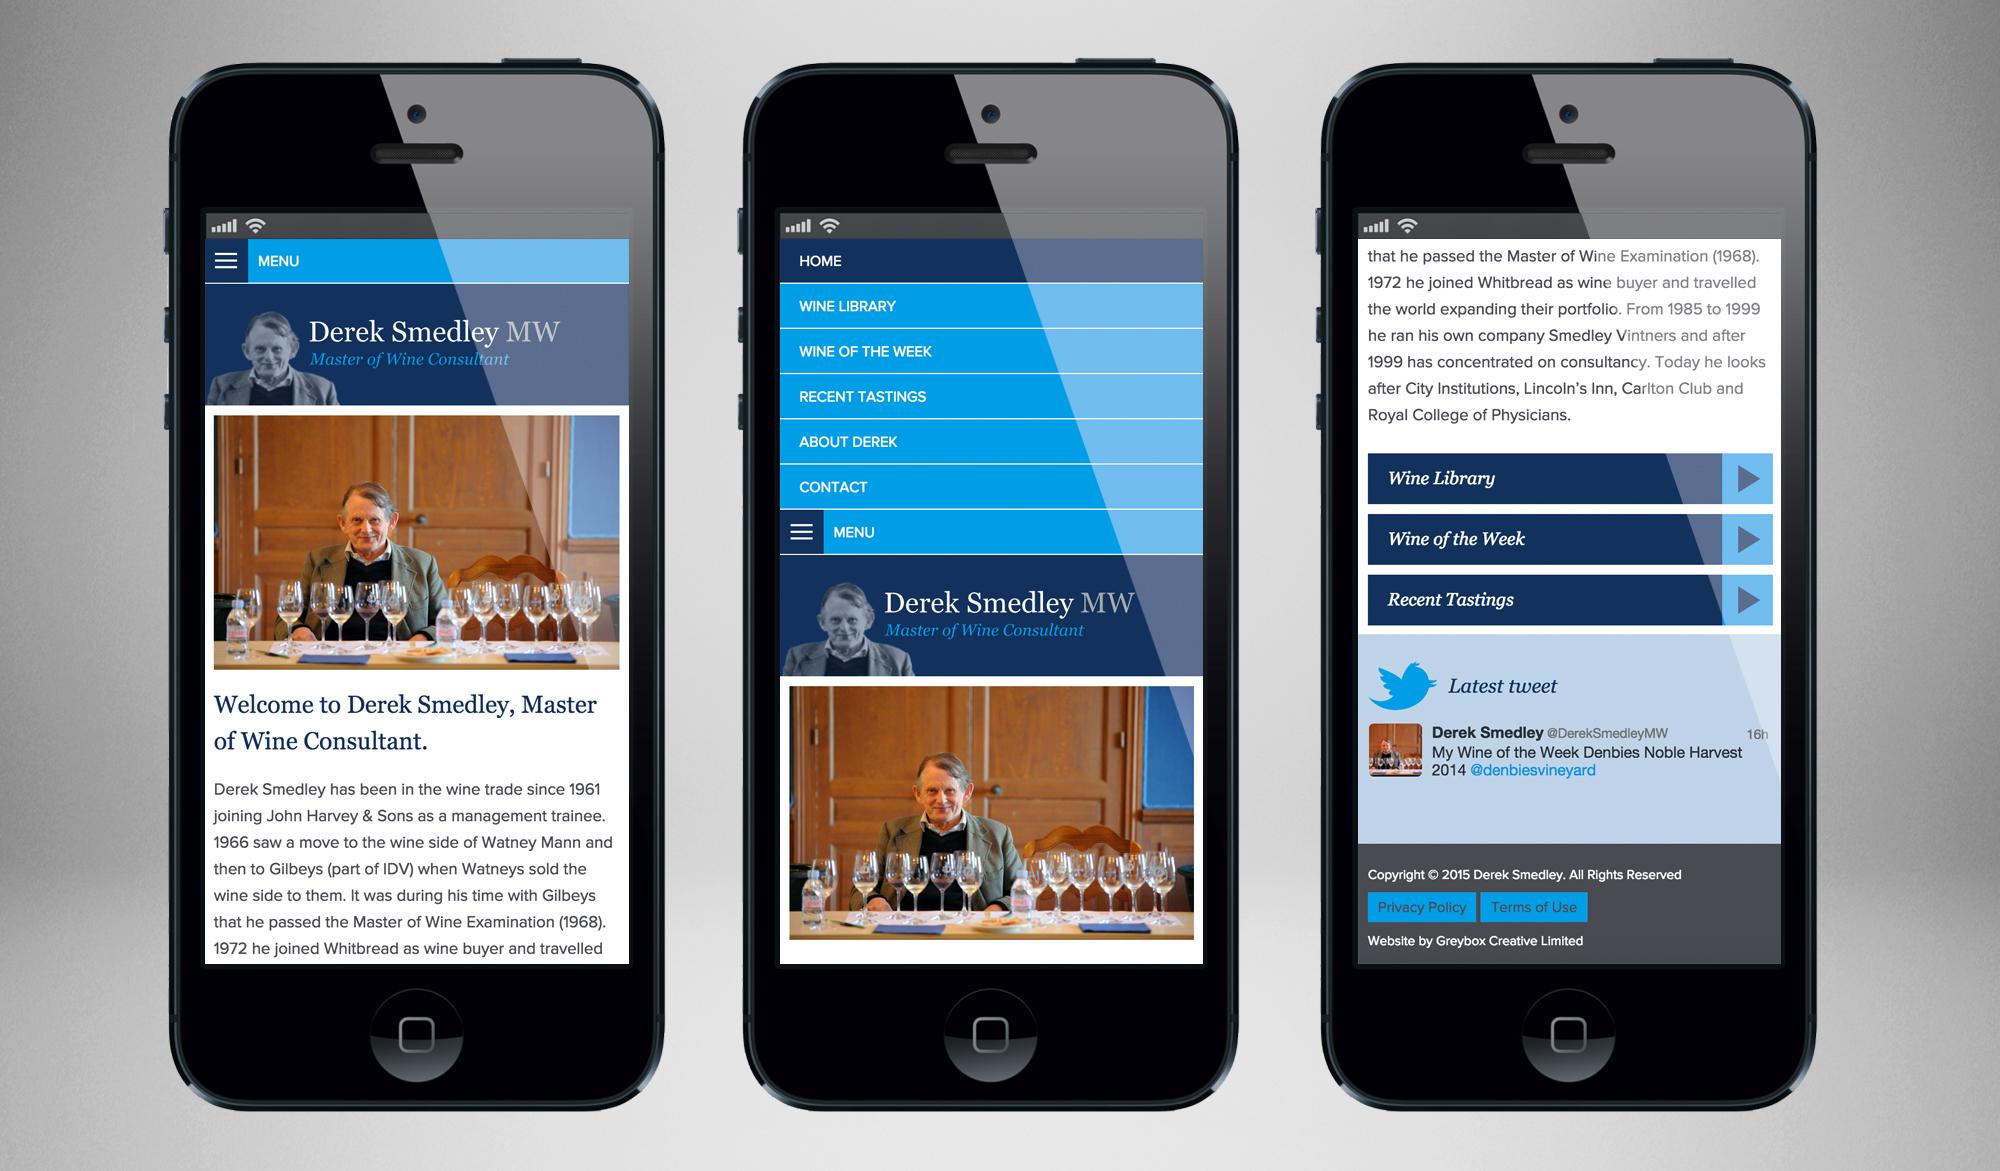 Derek Smedley mobile website design